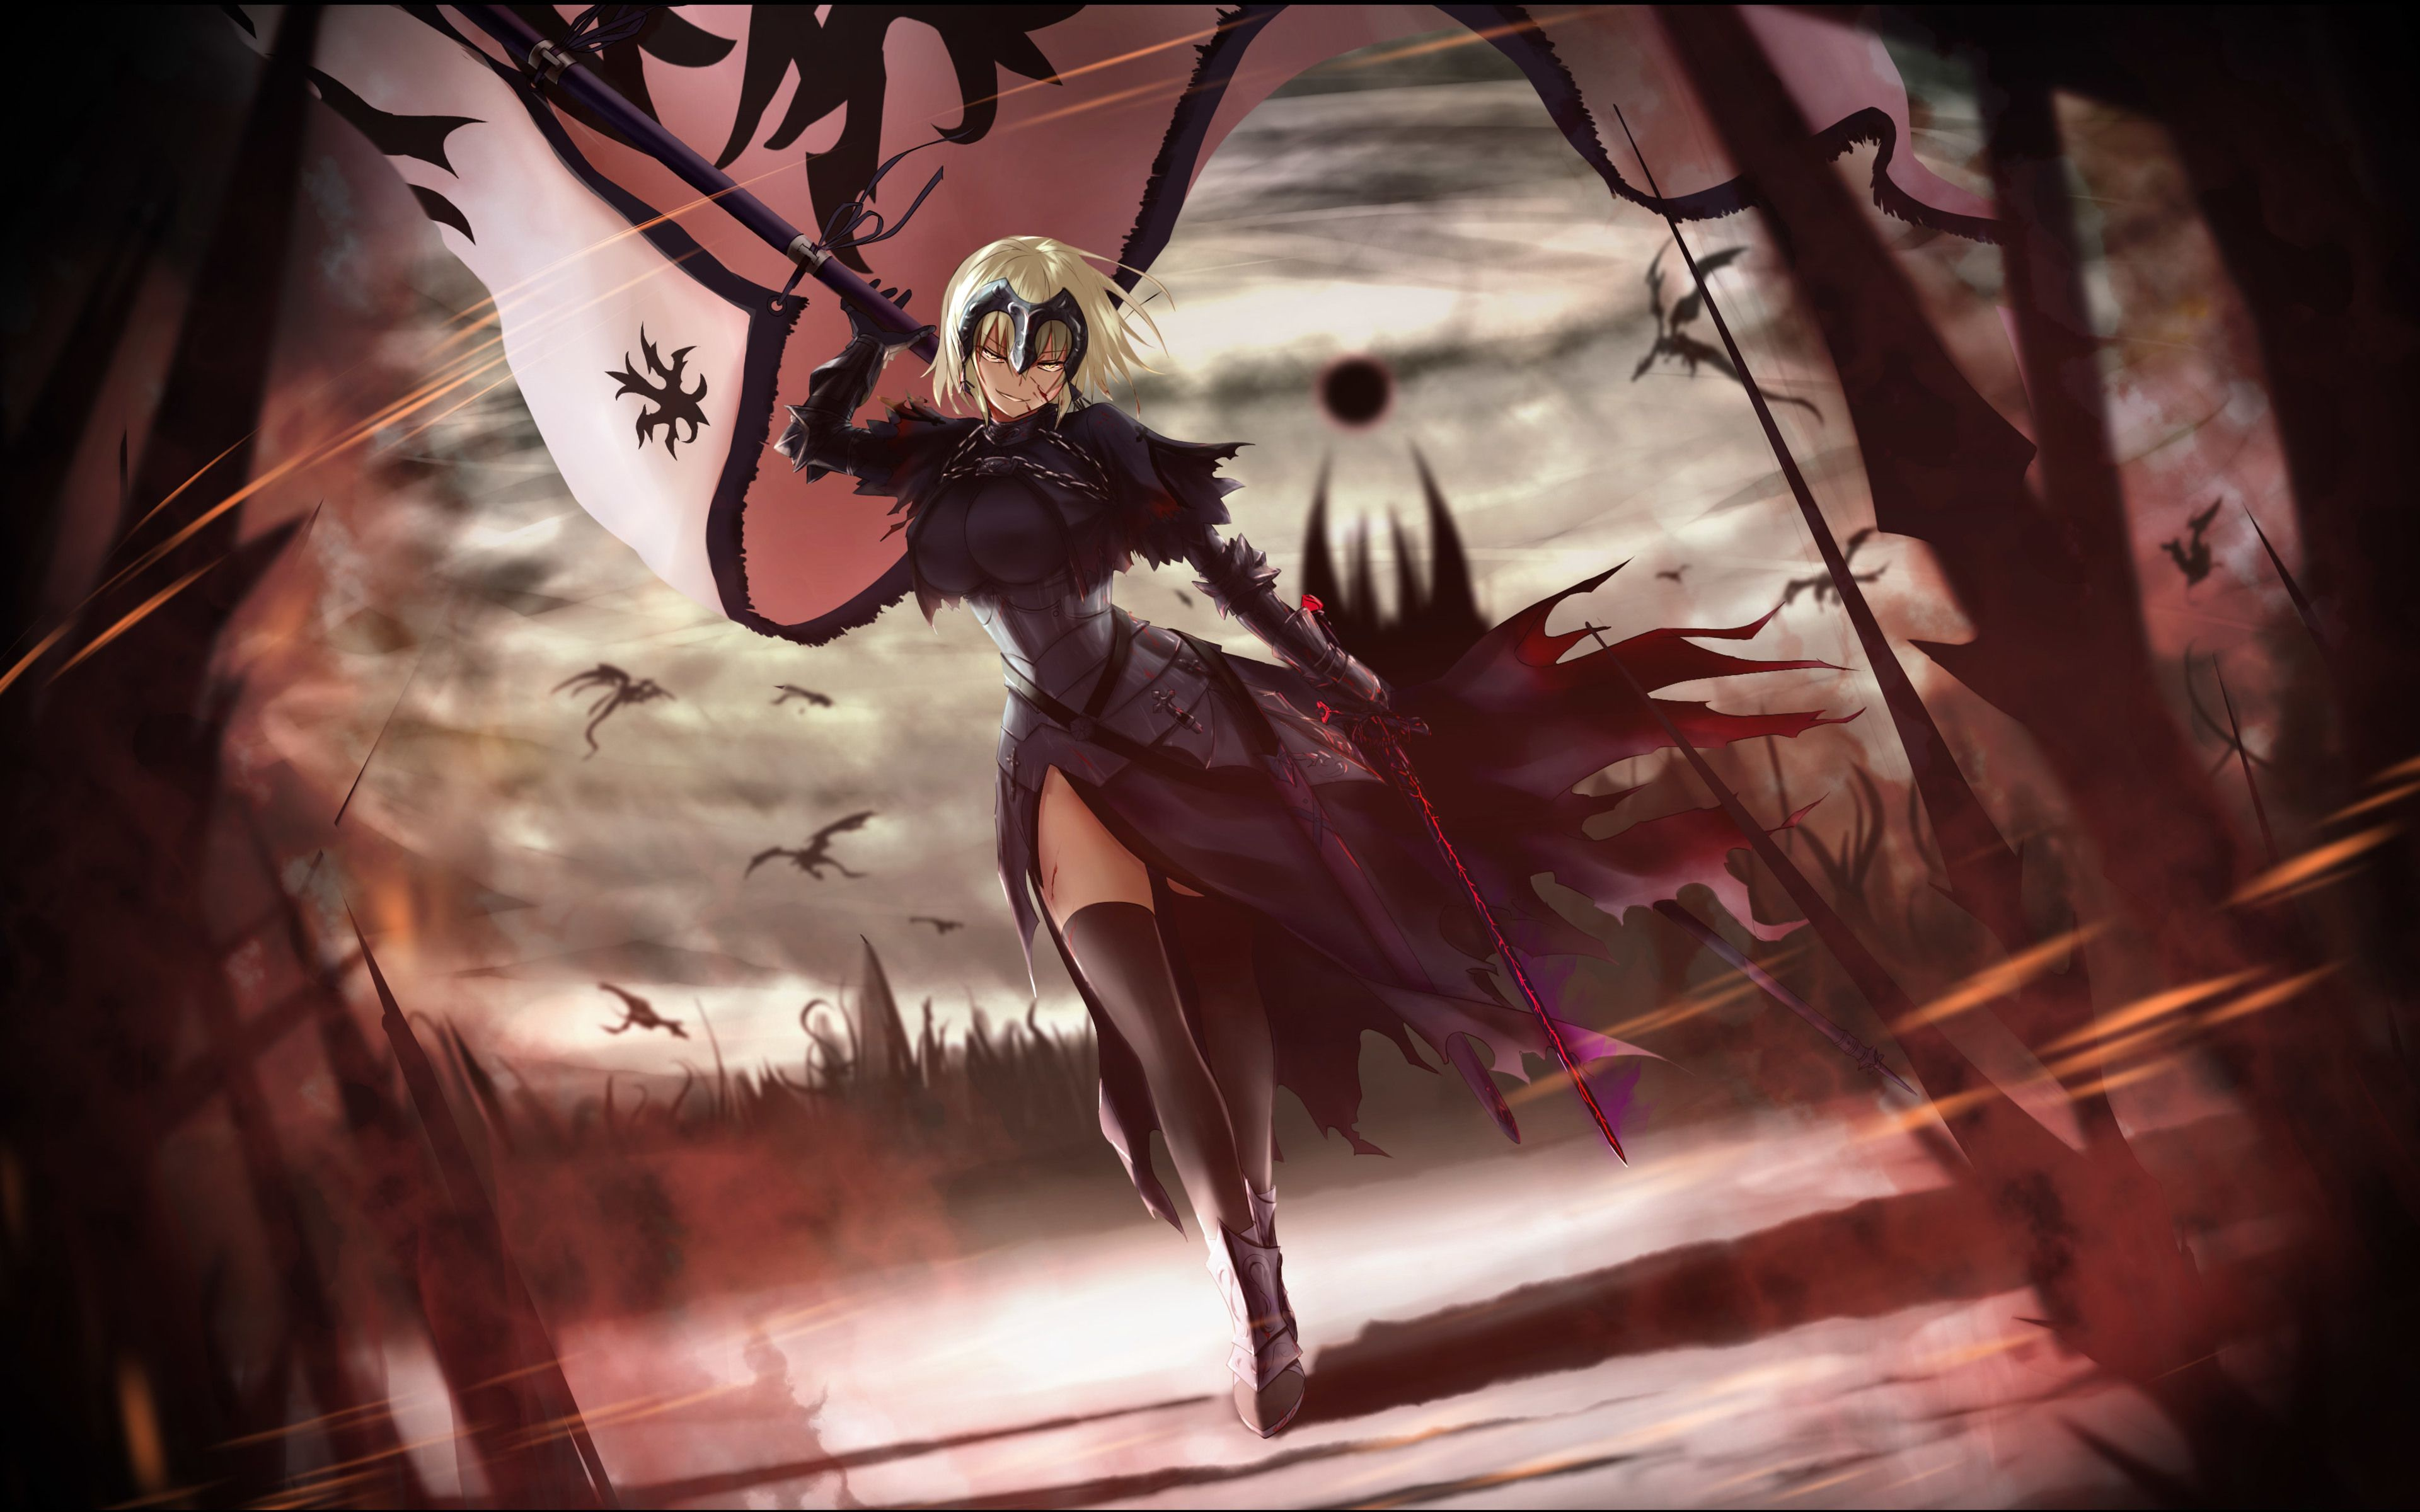 Download Wallpapers Ruler 4k Manga Fate Grand Order Fate